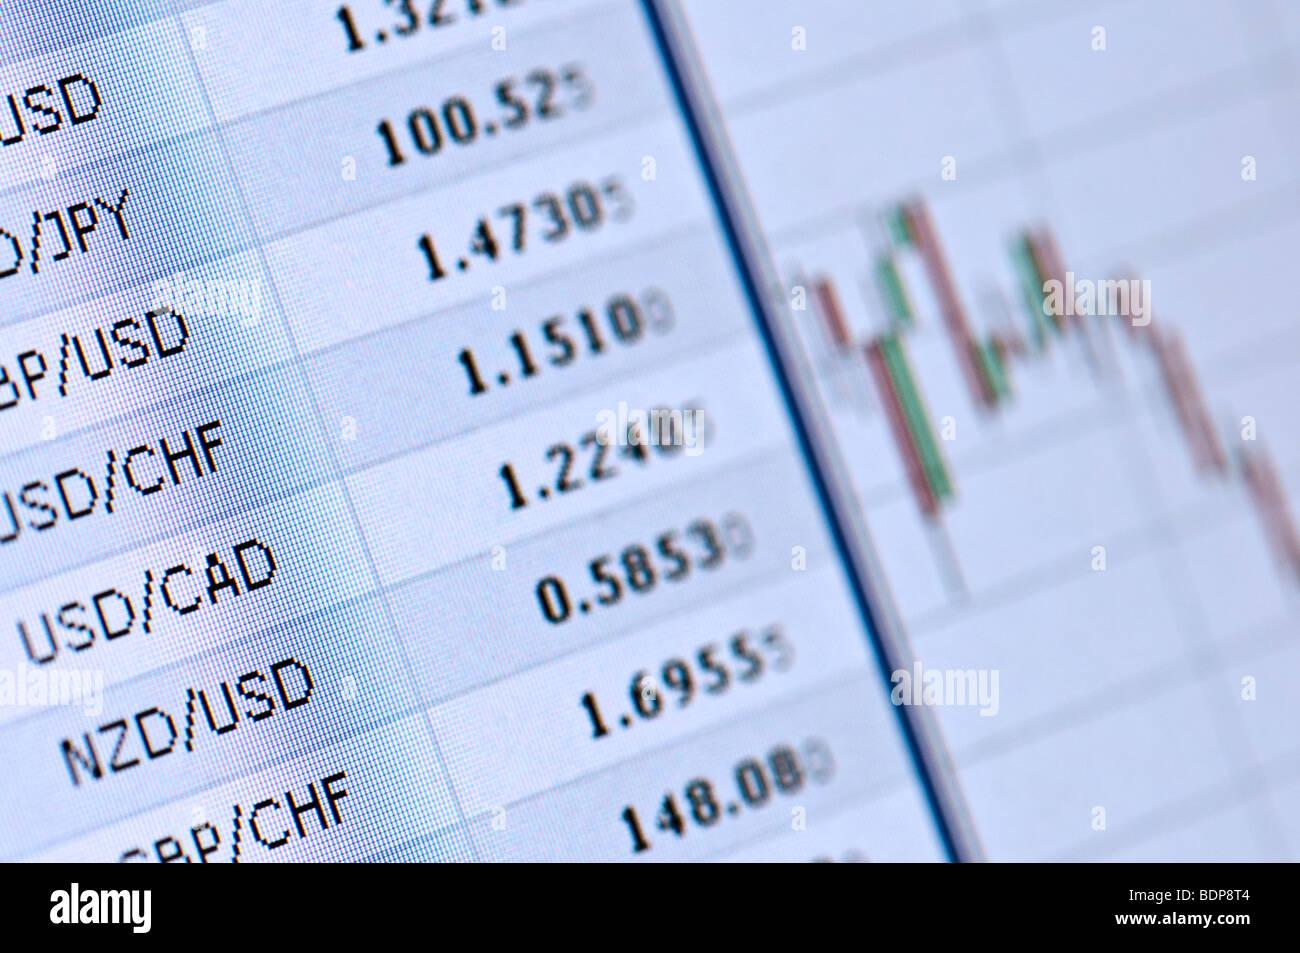 Finanza quotazioni di mercato sul monitor Immagini Stock